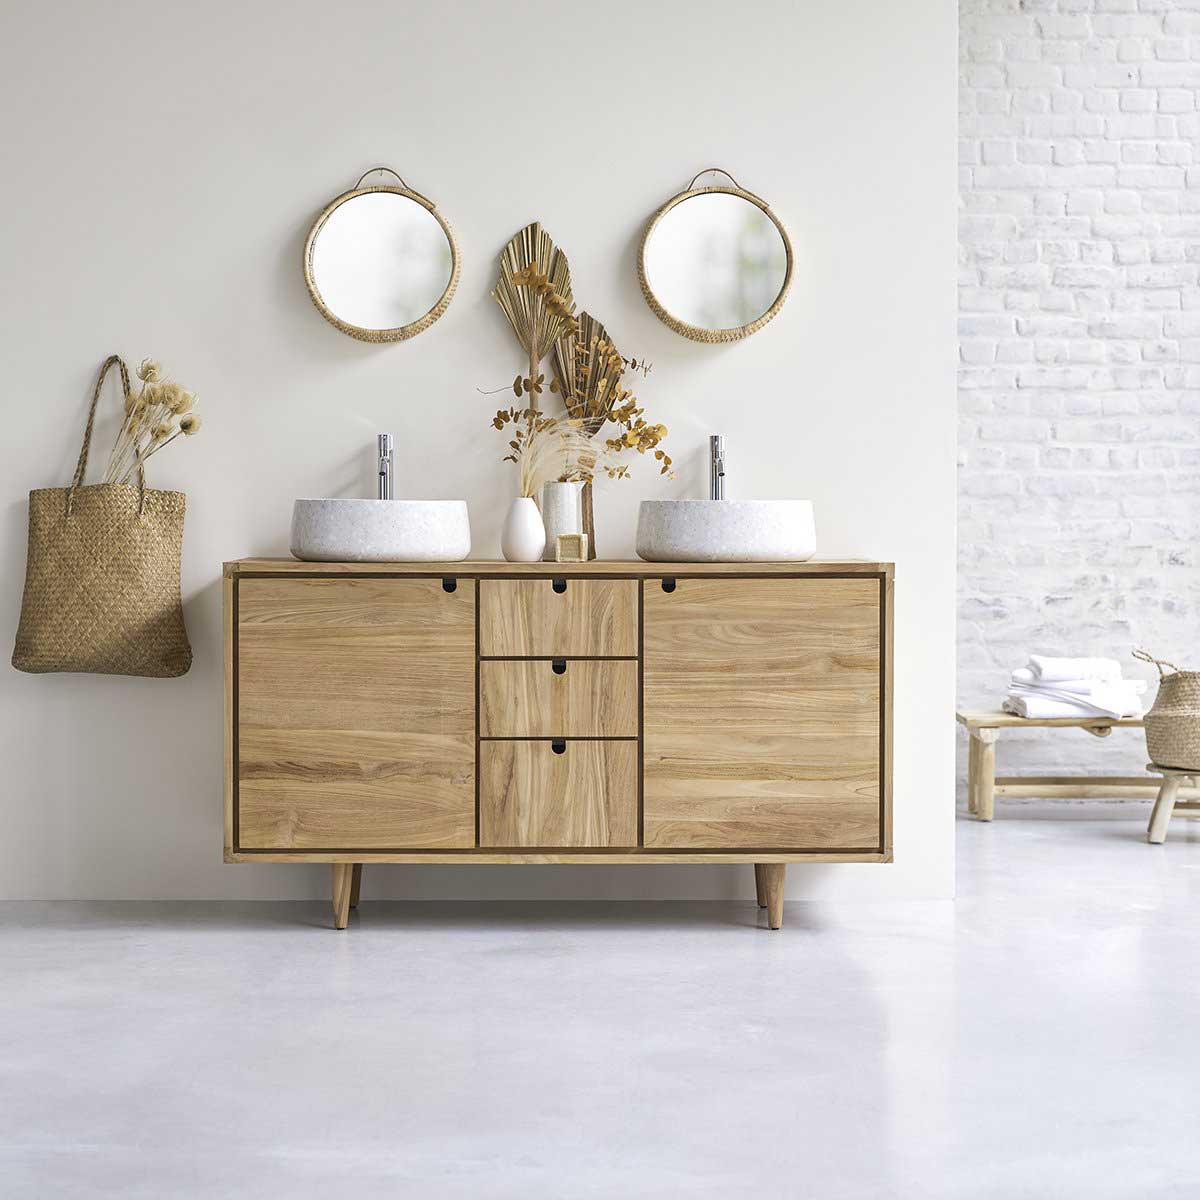 17 meubles en bois massif pour la salle de bains